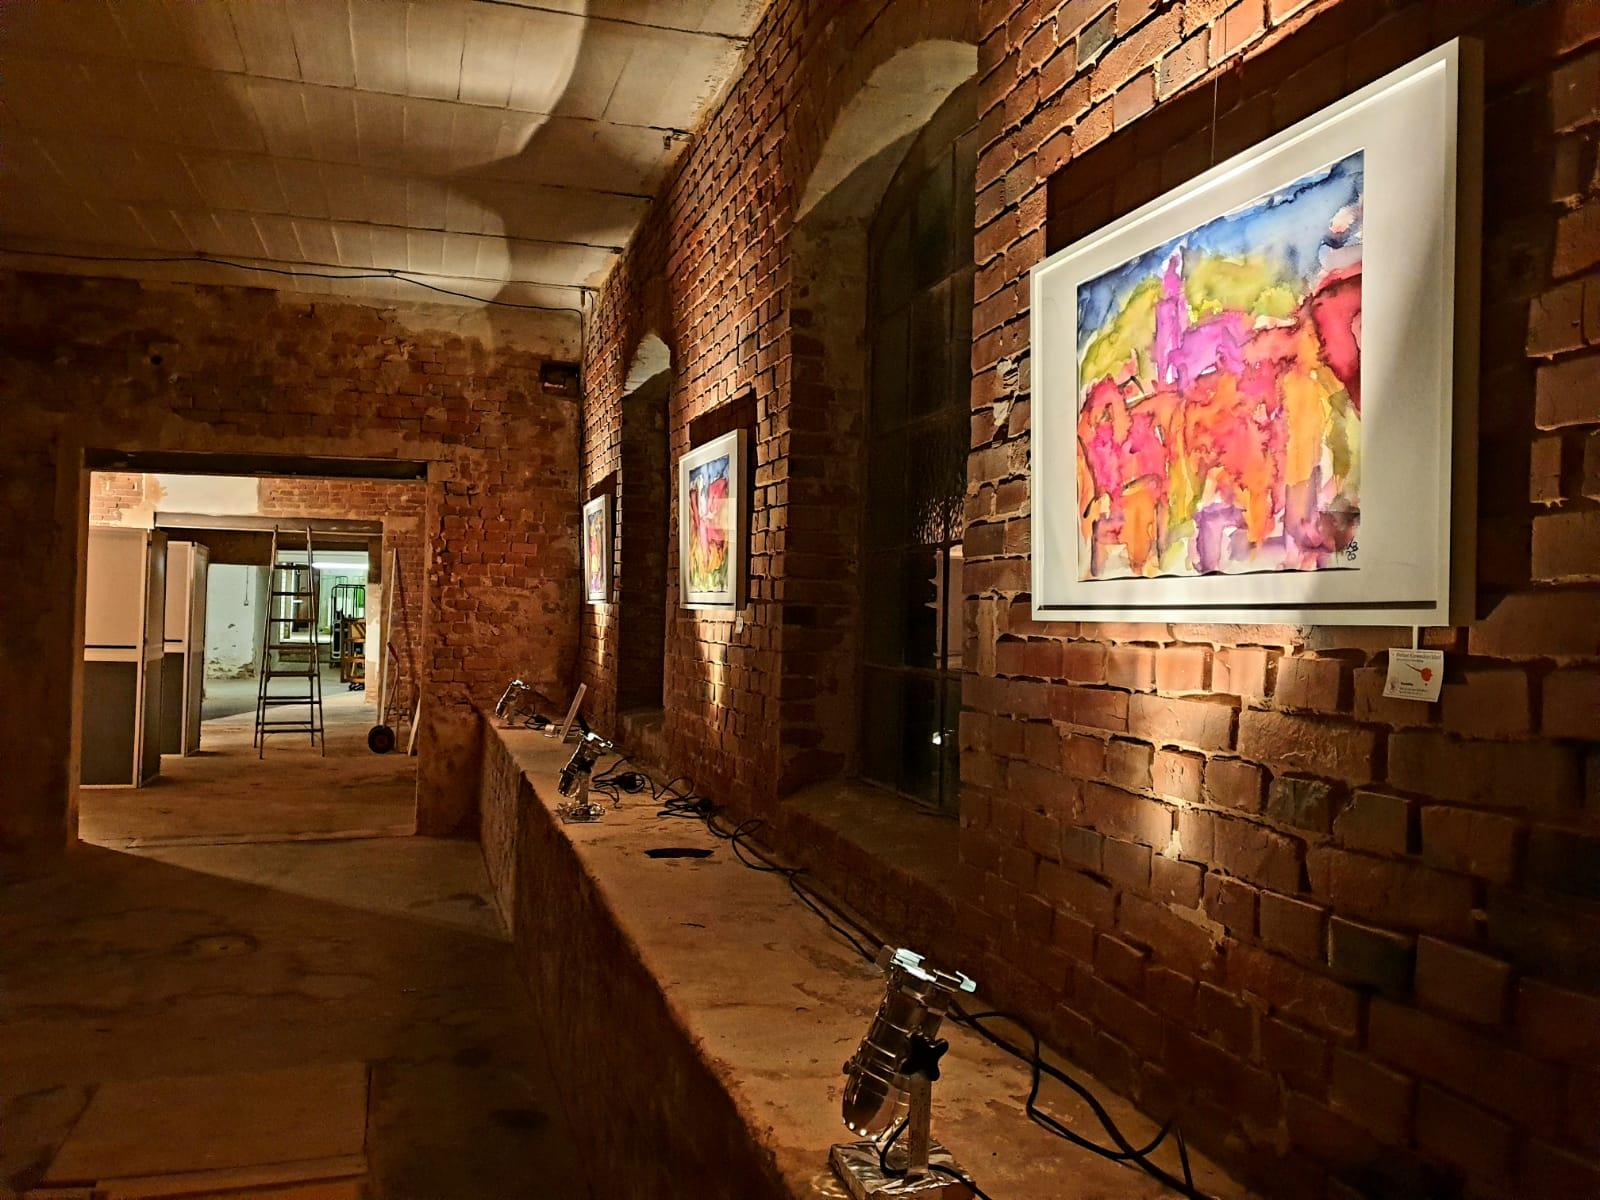 Kunst in der Alten Möbelfabrik | Aquarelle von Klaus Bölling © 2020 by Claudia Brandau